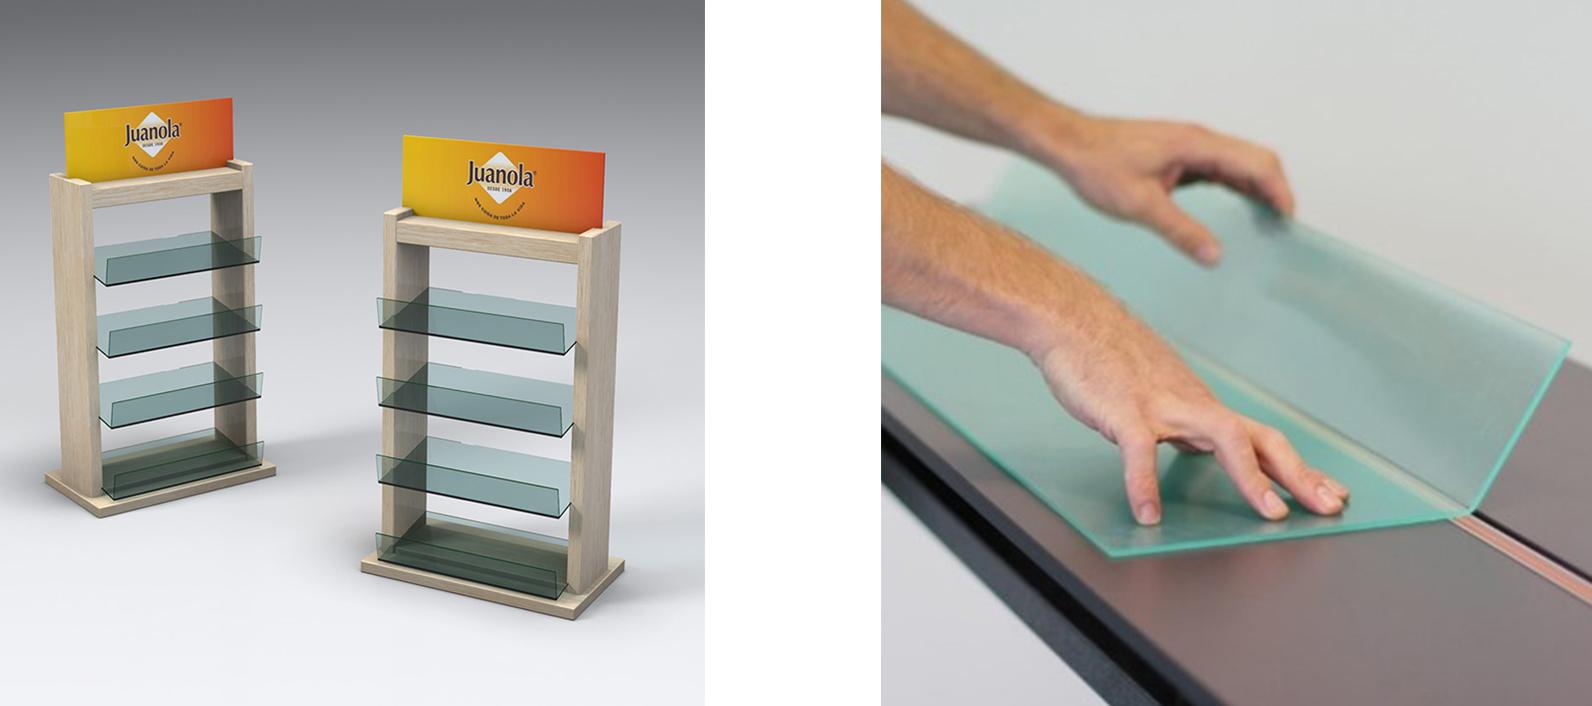 Nueva máquina plegadora, el complemento perfecto para los cortes láser y grabados